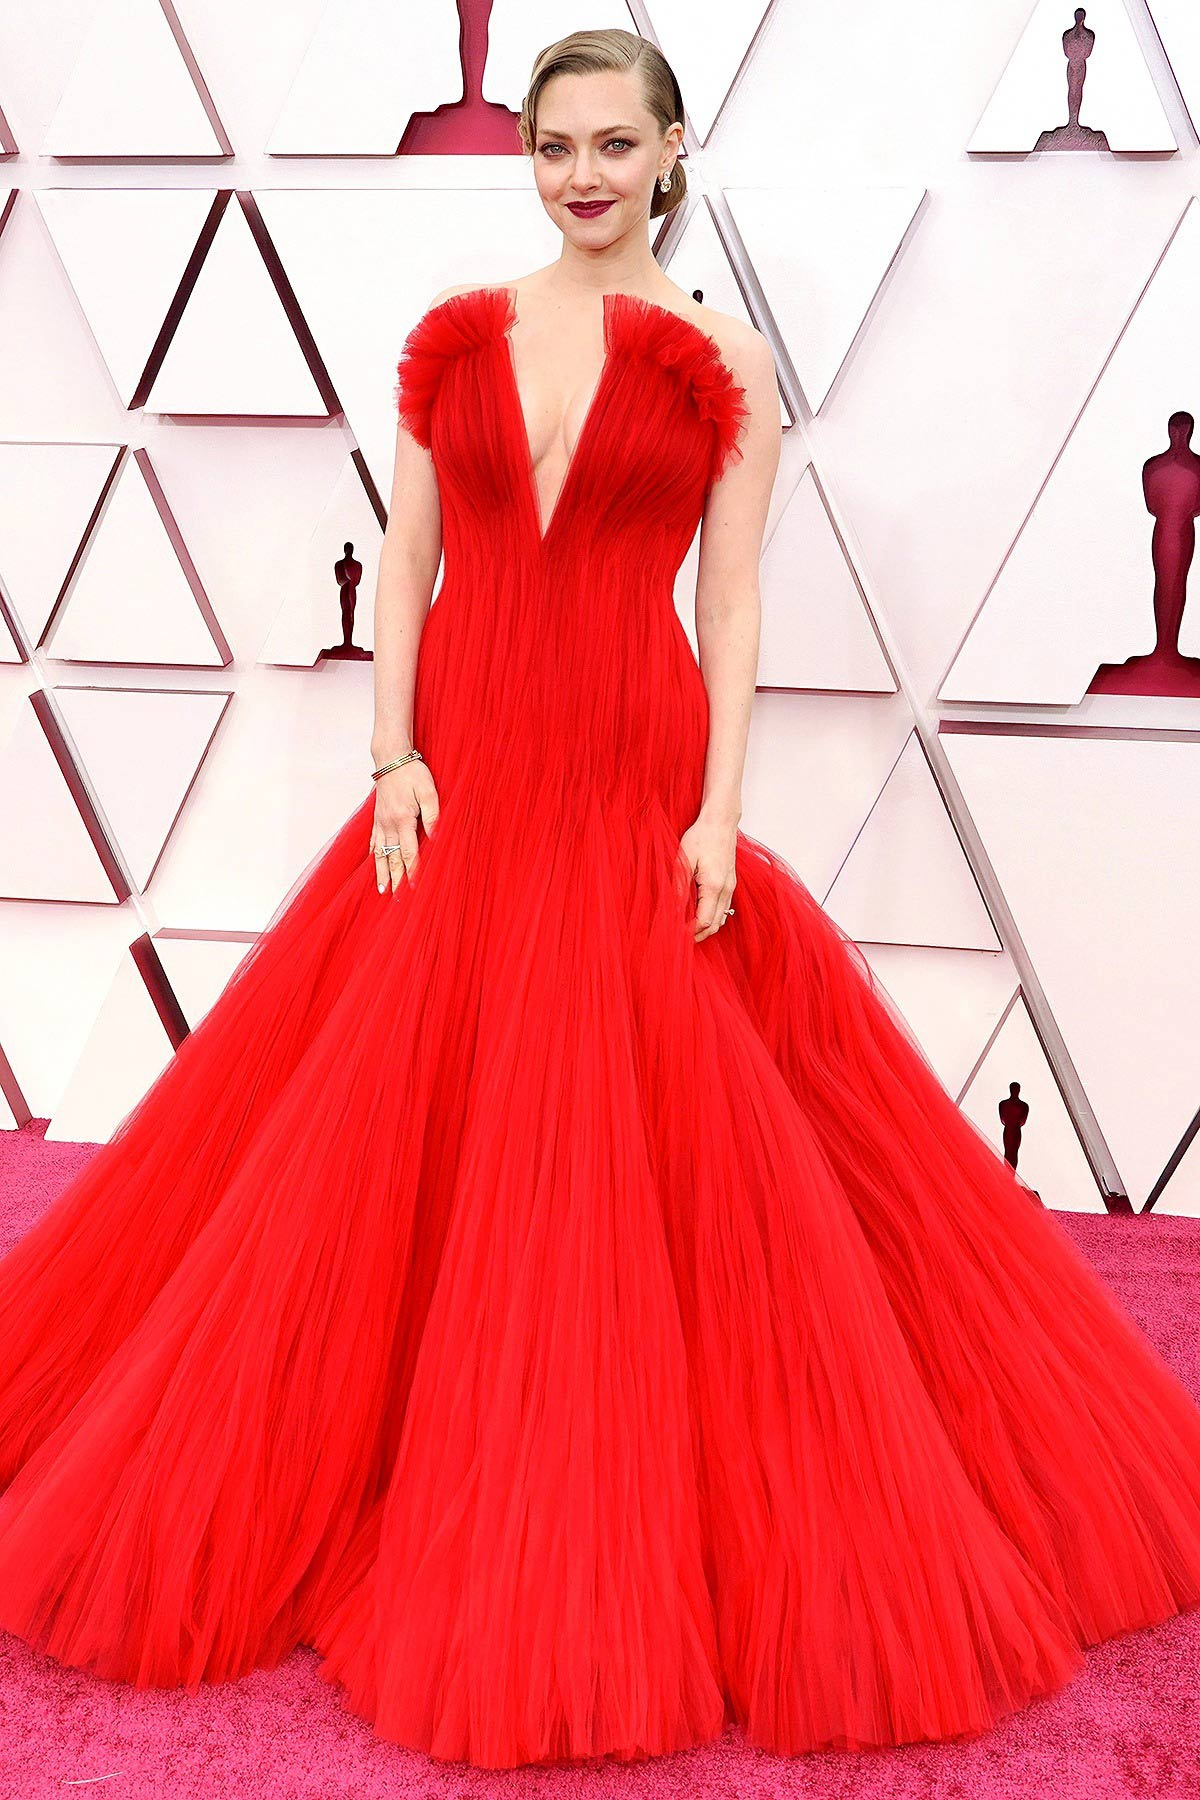 Thảm đỏ Oscar 2021: Sao Hàn đầu tiên ẵm giải Nữ phụ xuất sắc nhất - hình ảnh 6